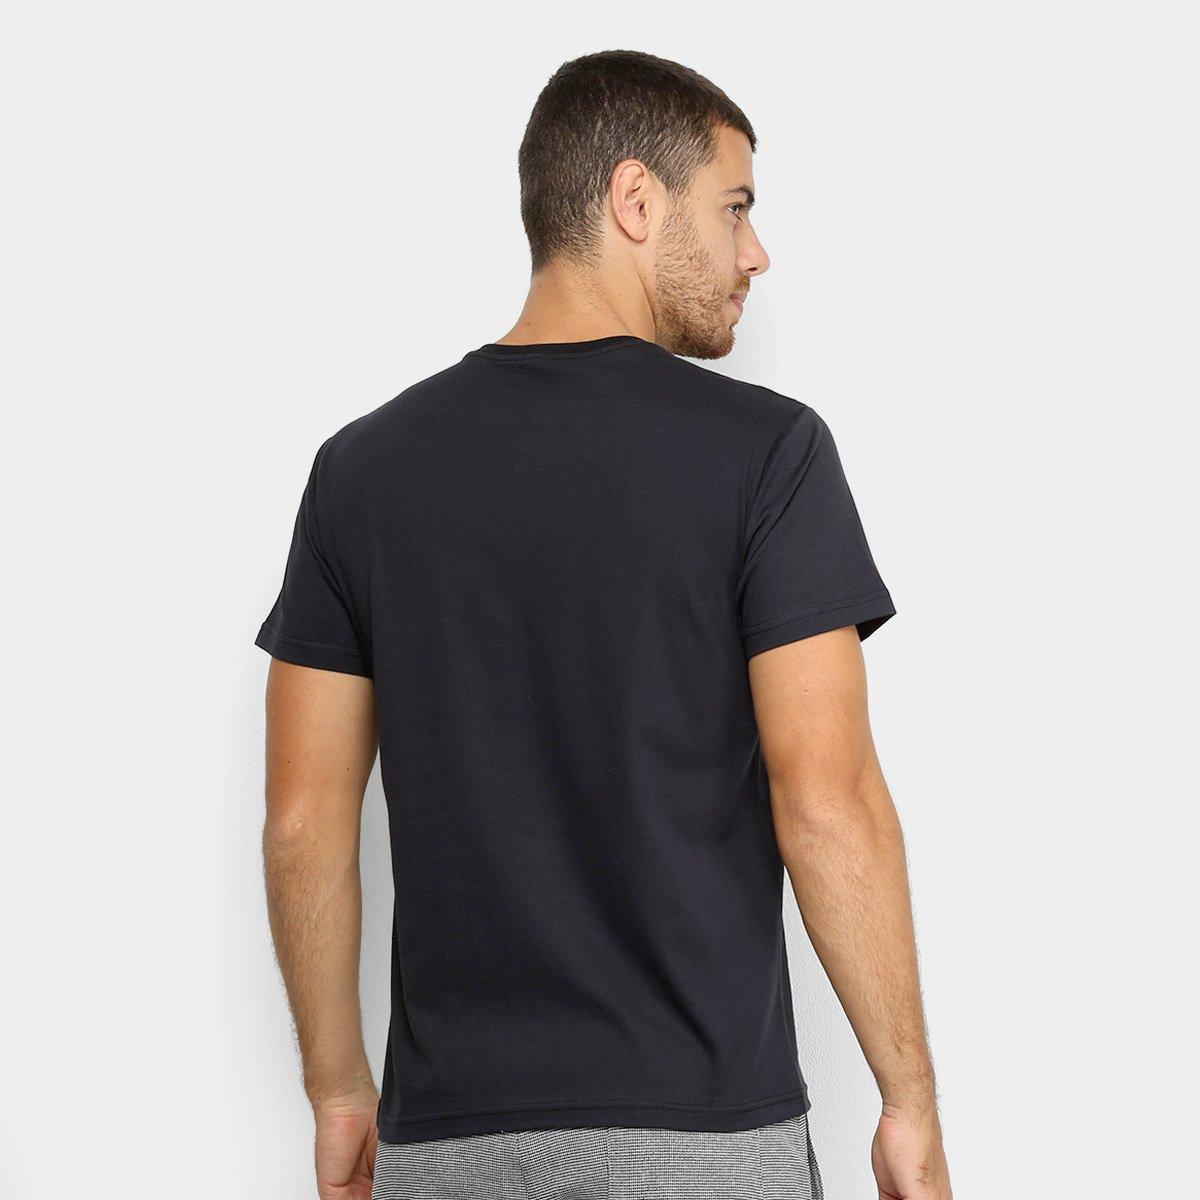 Camiseta Polo RG 518 Estampa Relevo Masculina - Preto